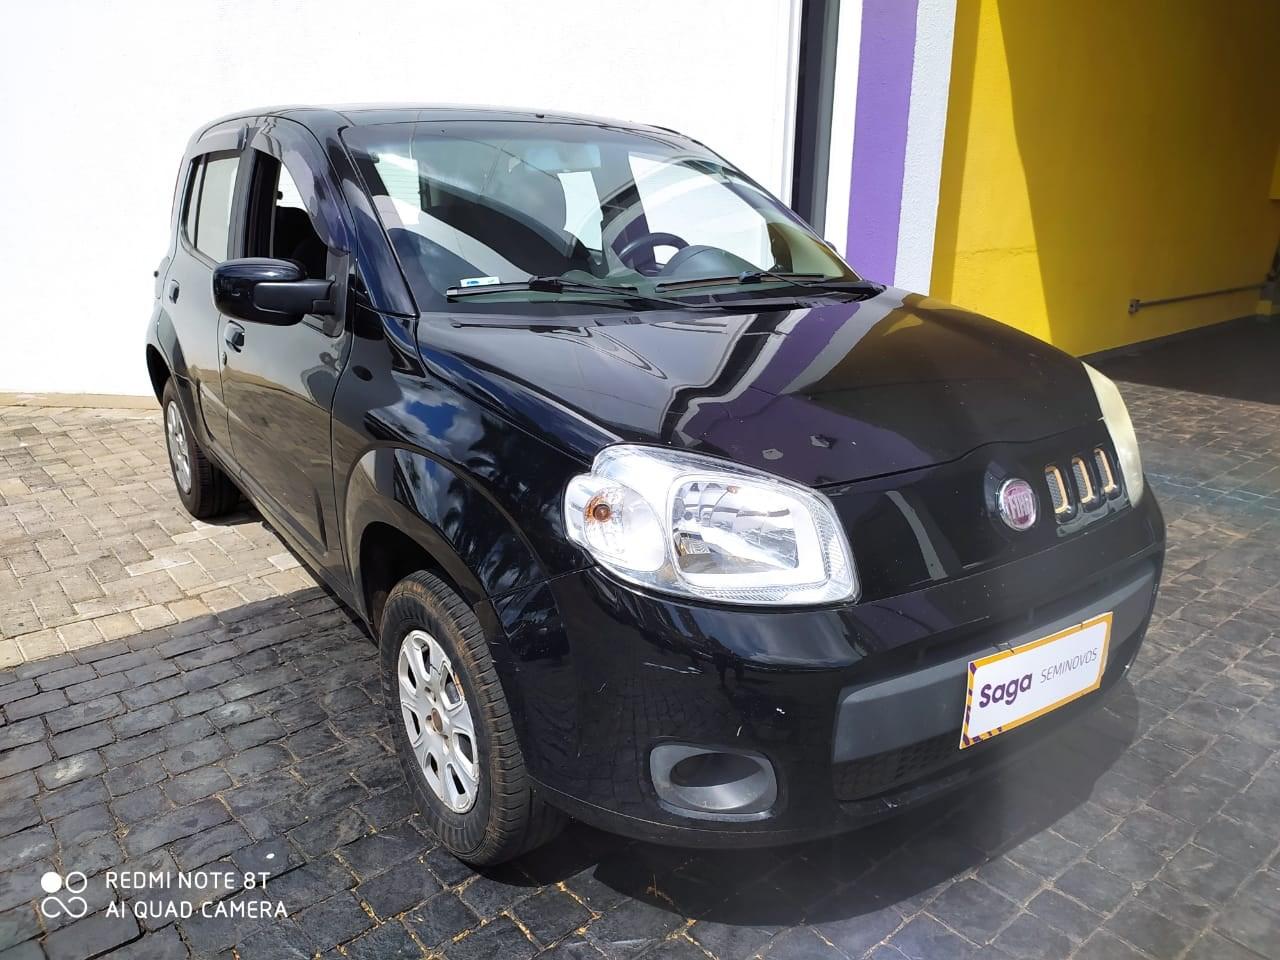 //www.autoline.com.br/carro/fiat/uno-10-fire-celebration-8v-65cv-4p-flex-manual/2011/uberlandia-mg/13568085